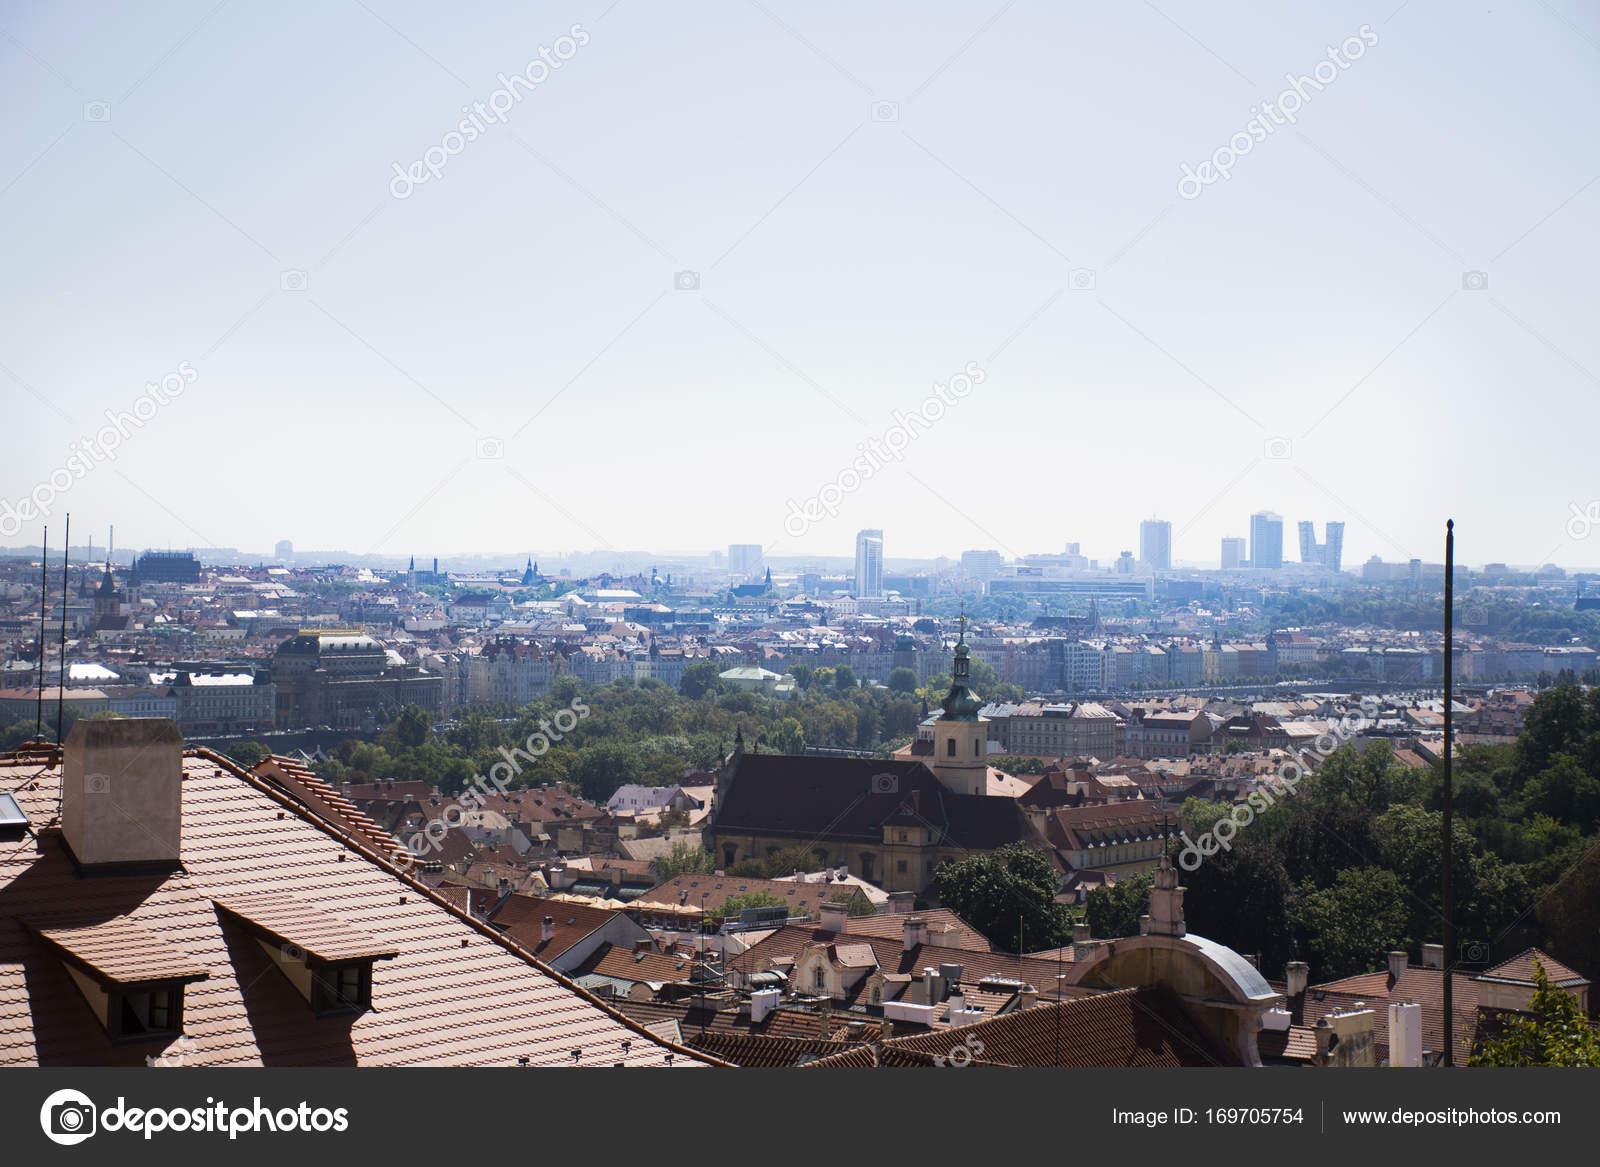 D couvre le paysage urbain et paysage de ville de prague for Paysage de ville